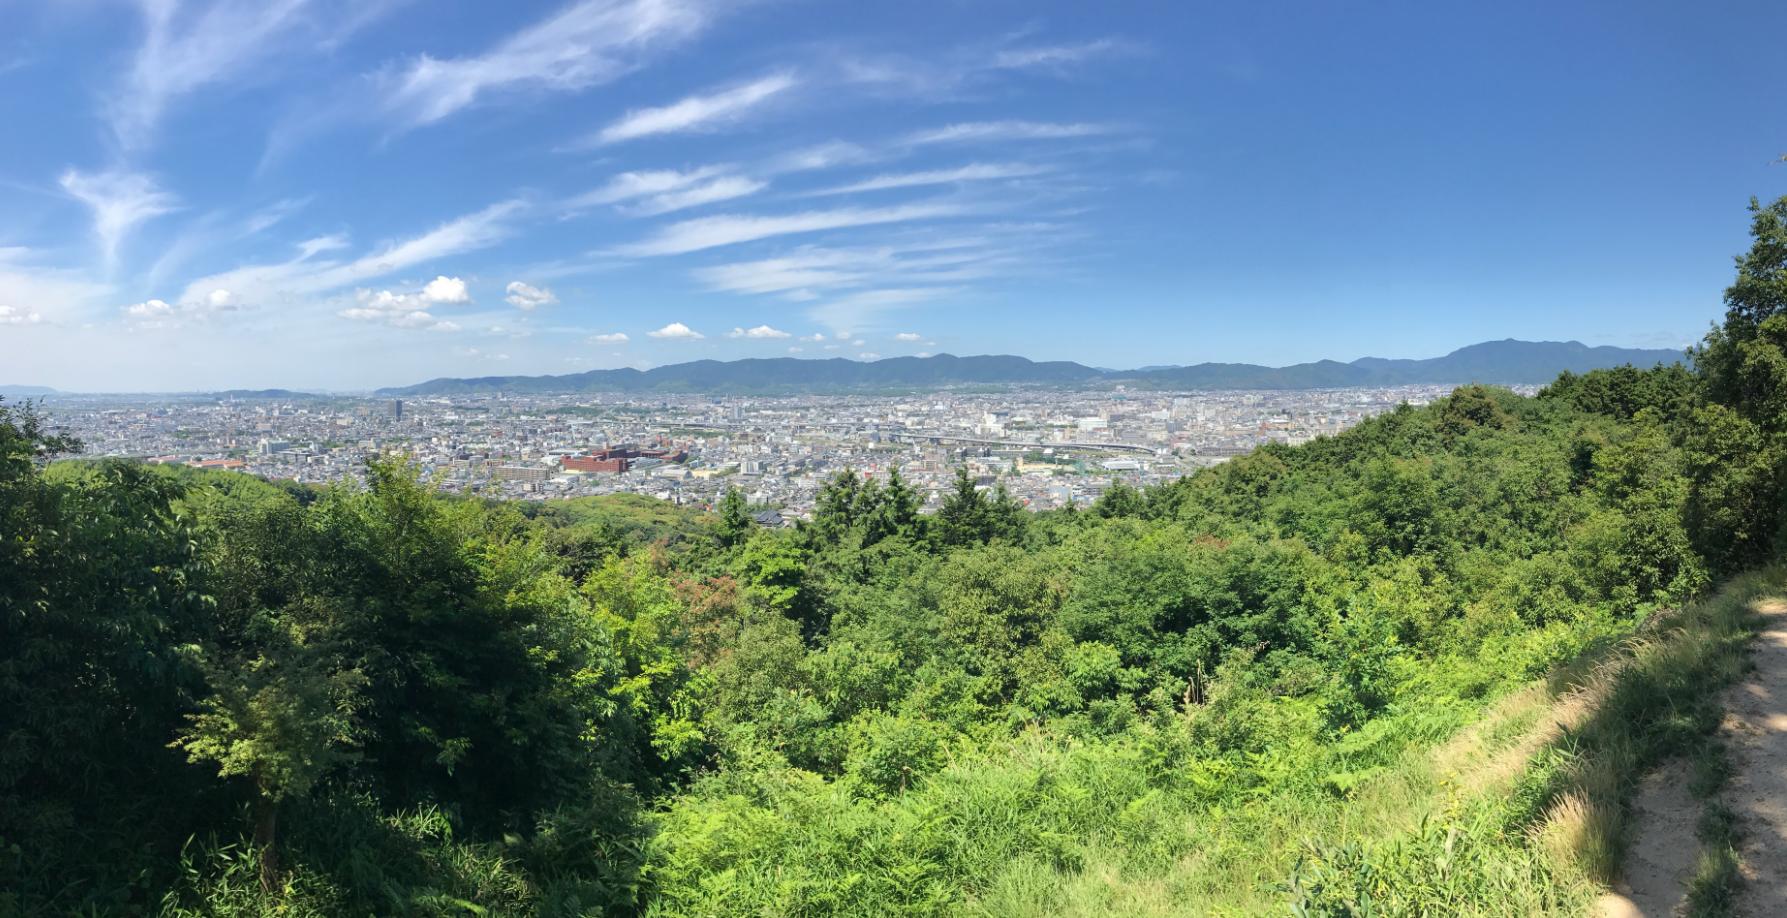 kyoto hiking pano.png